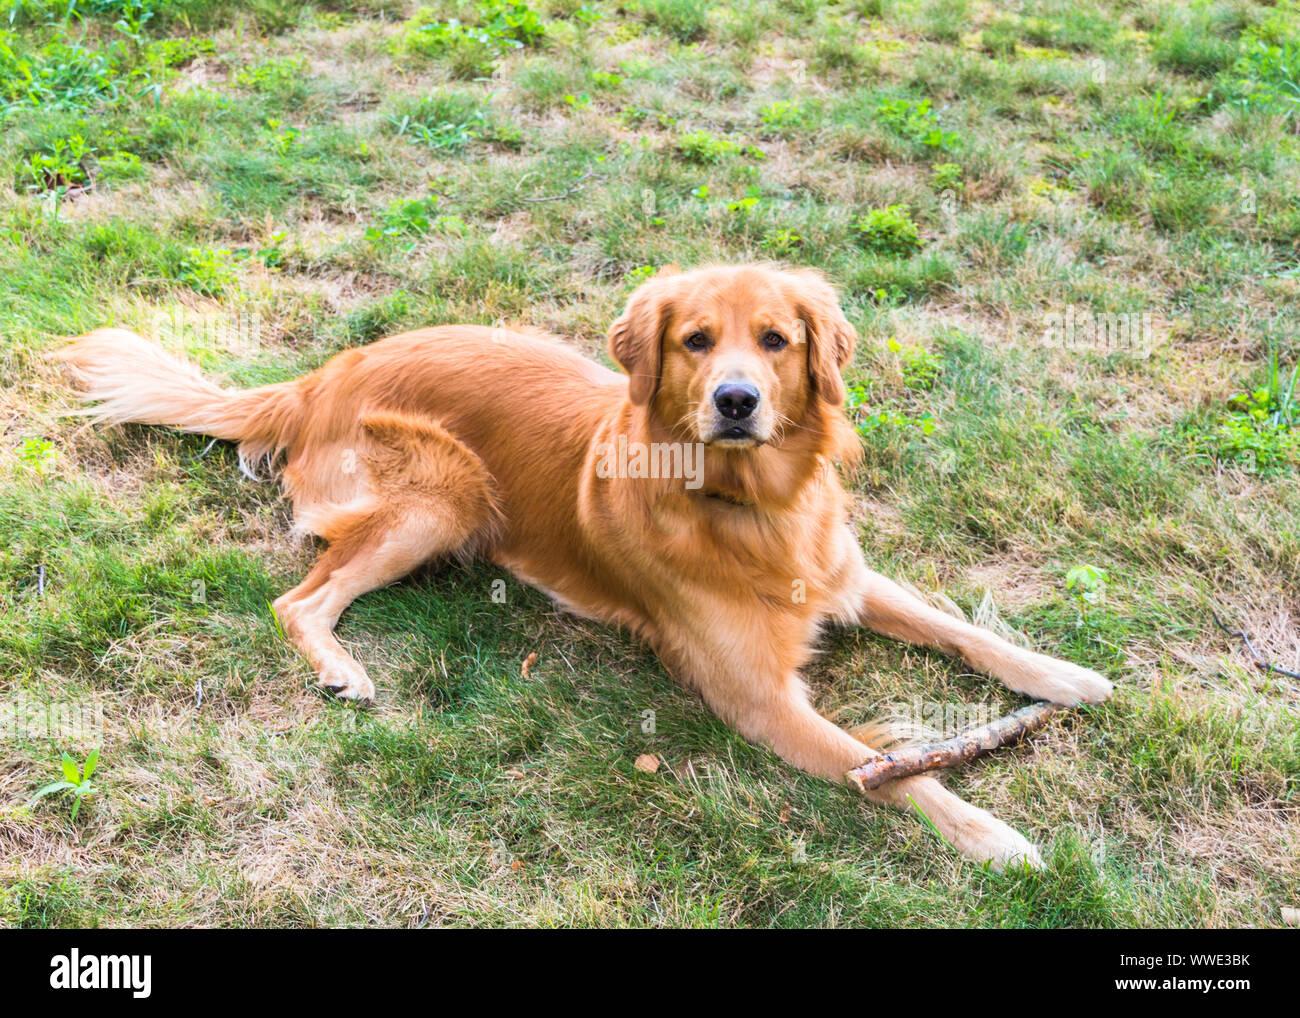 Golden Retriever assis dans l'herbe verte avec un bâton Banque D'Images